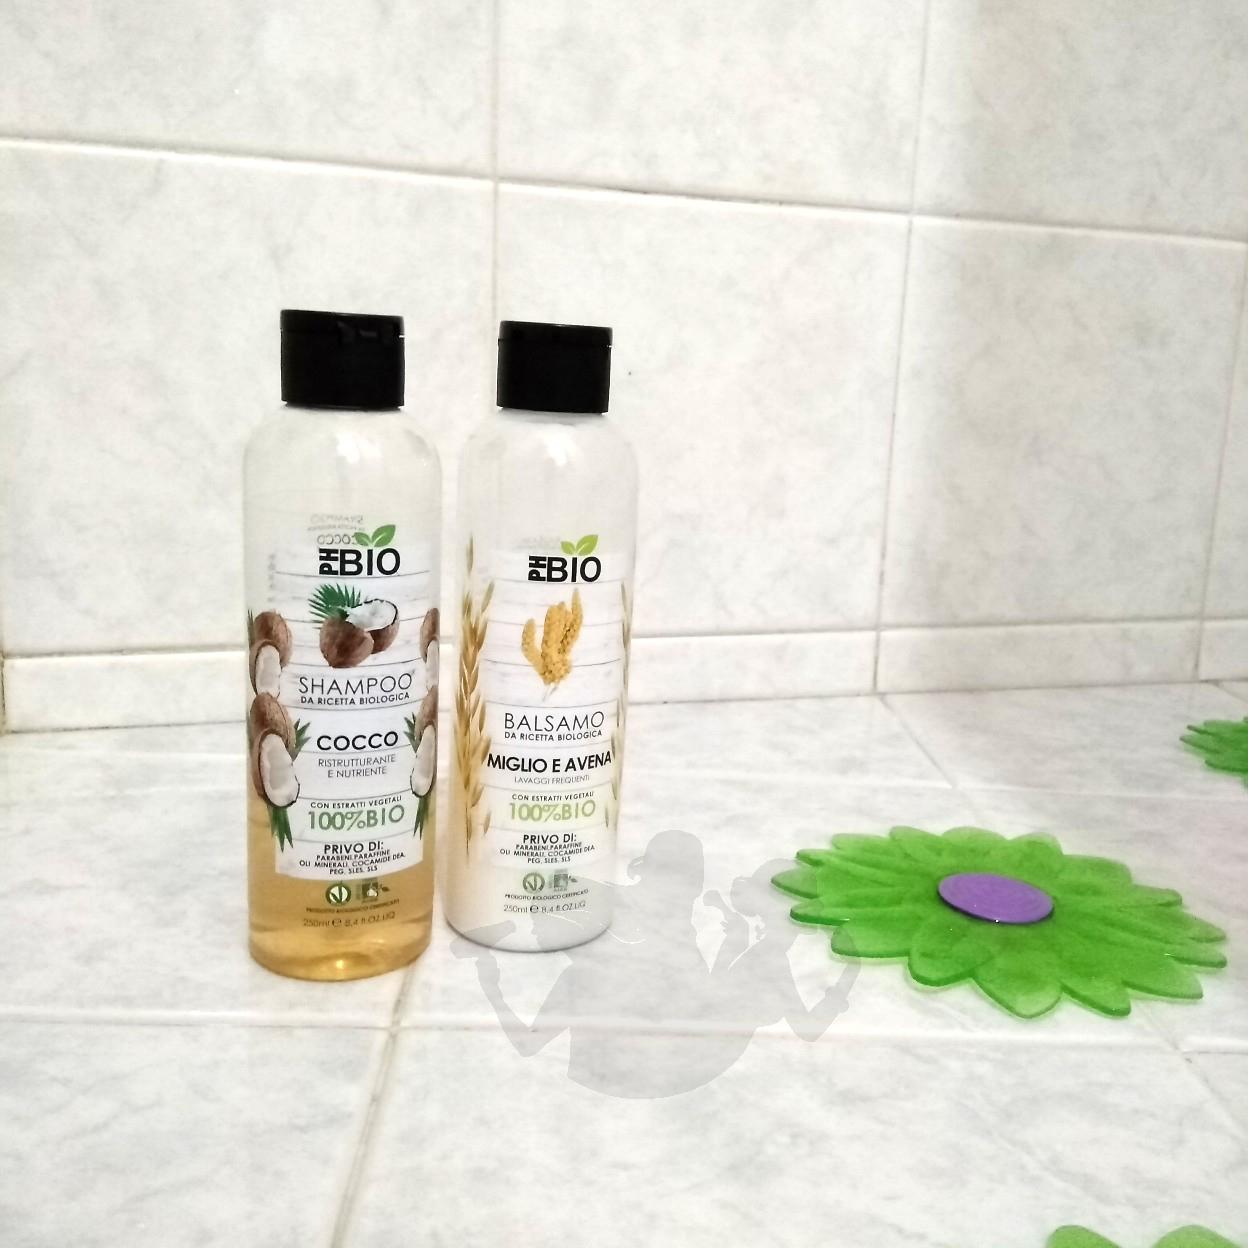 Shampoo e balsamo - PhBio